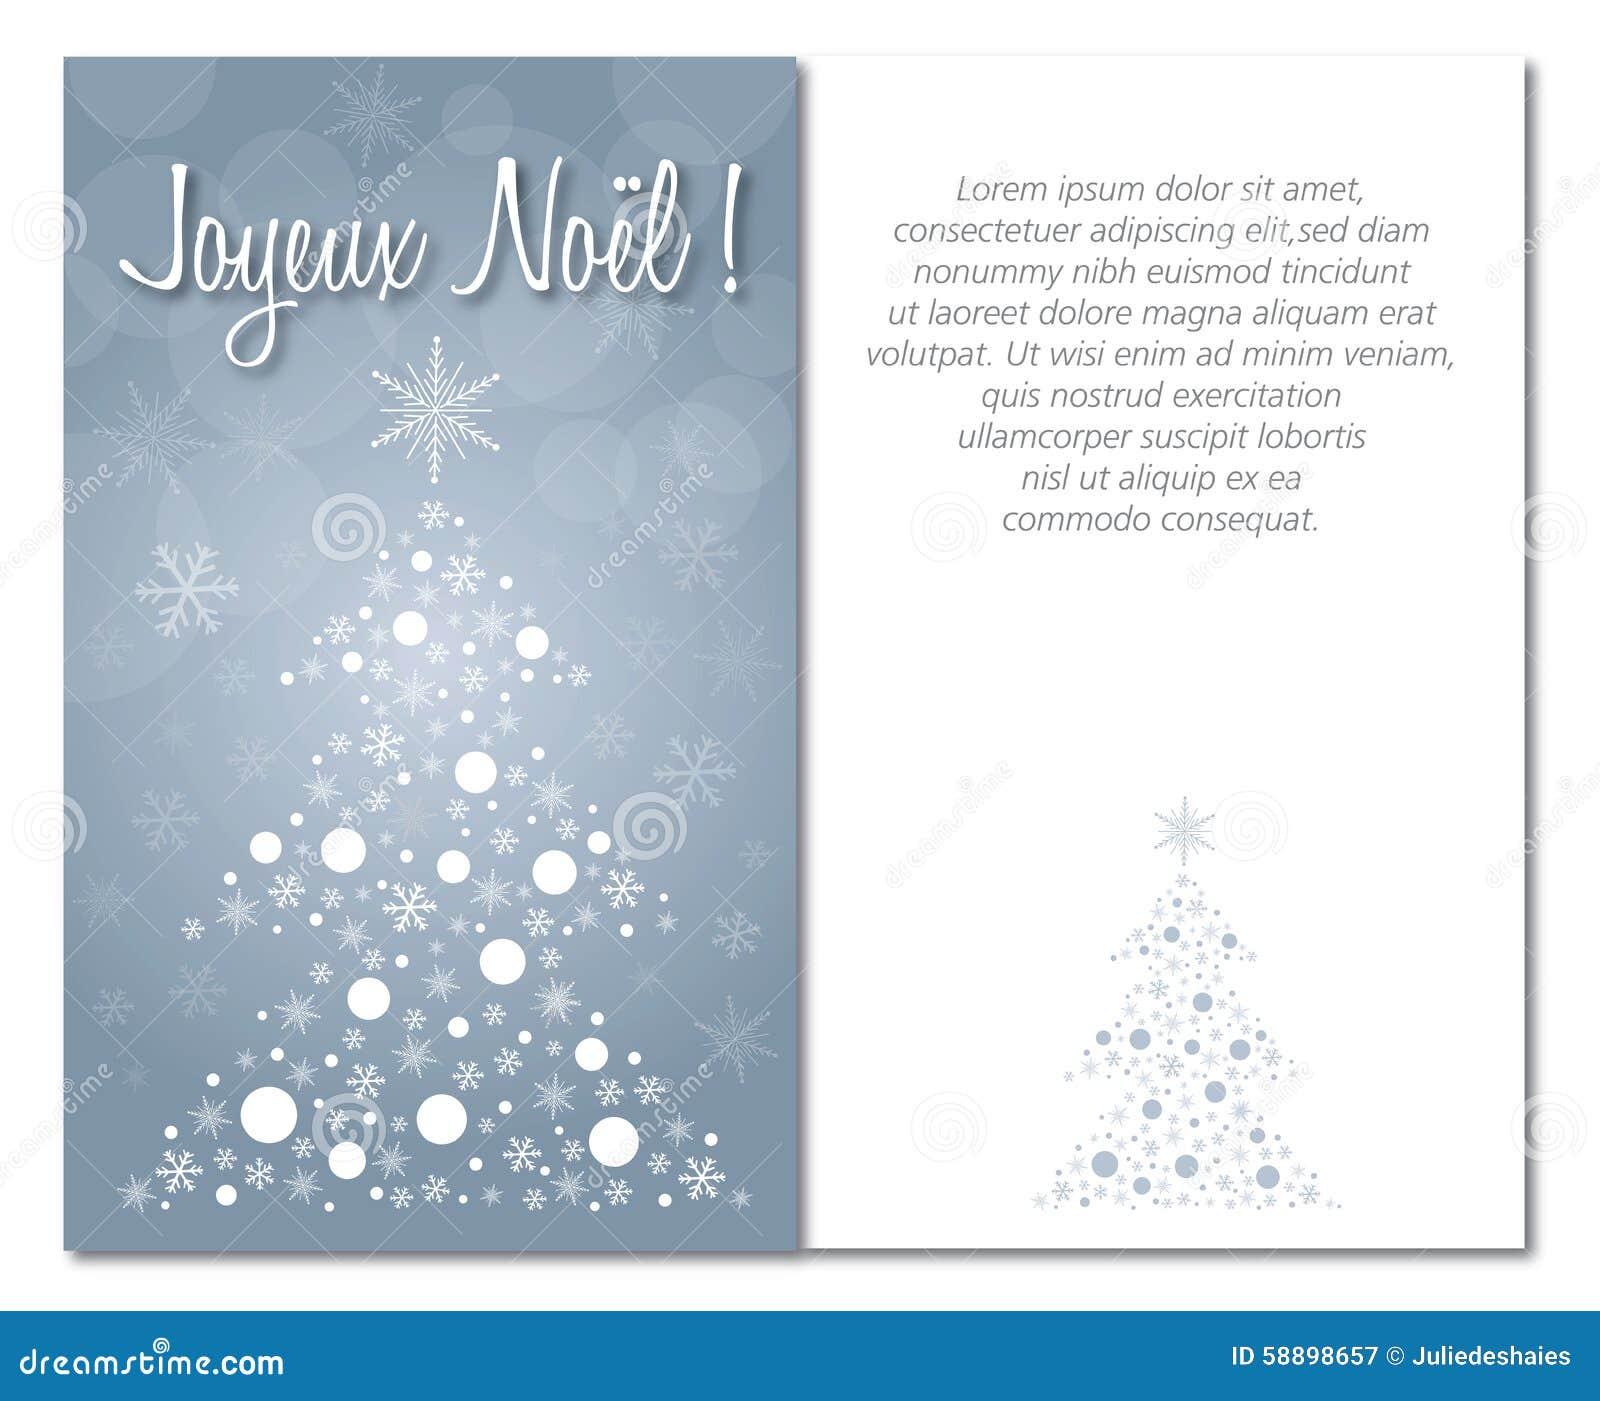 Auguri Di Buon Natale Francese.Auguri Di Buon Natale Francese Frismarketingadvies